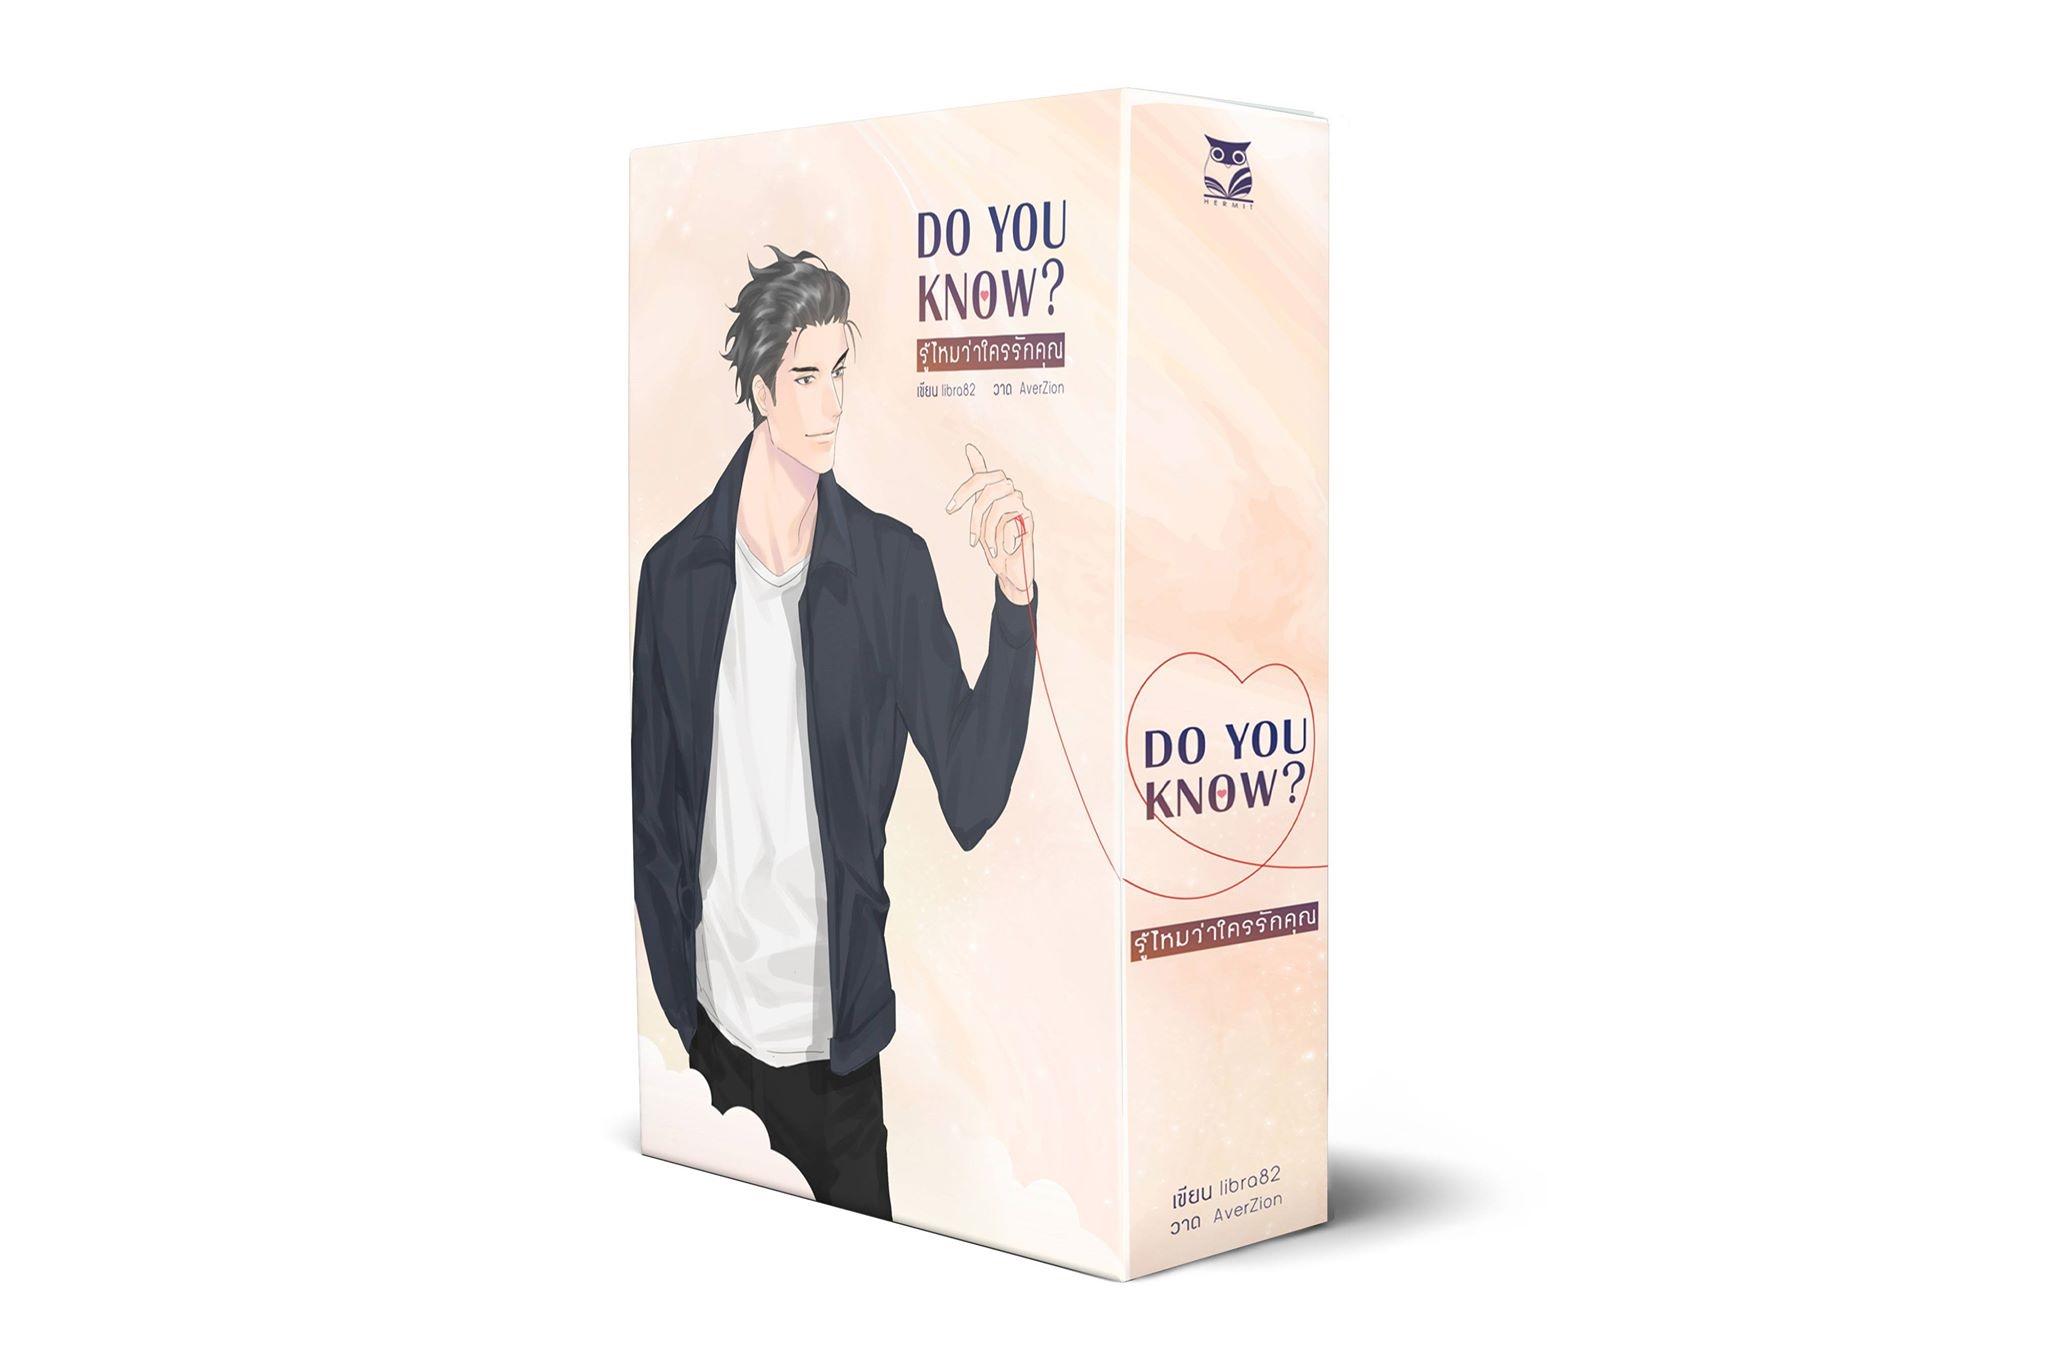 Boxset Do you know? รู้ไหมว่าใครรักคุณ ผู้เเต่ง libra82